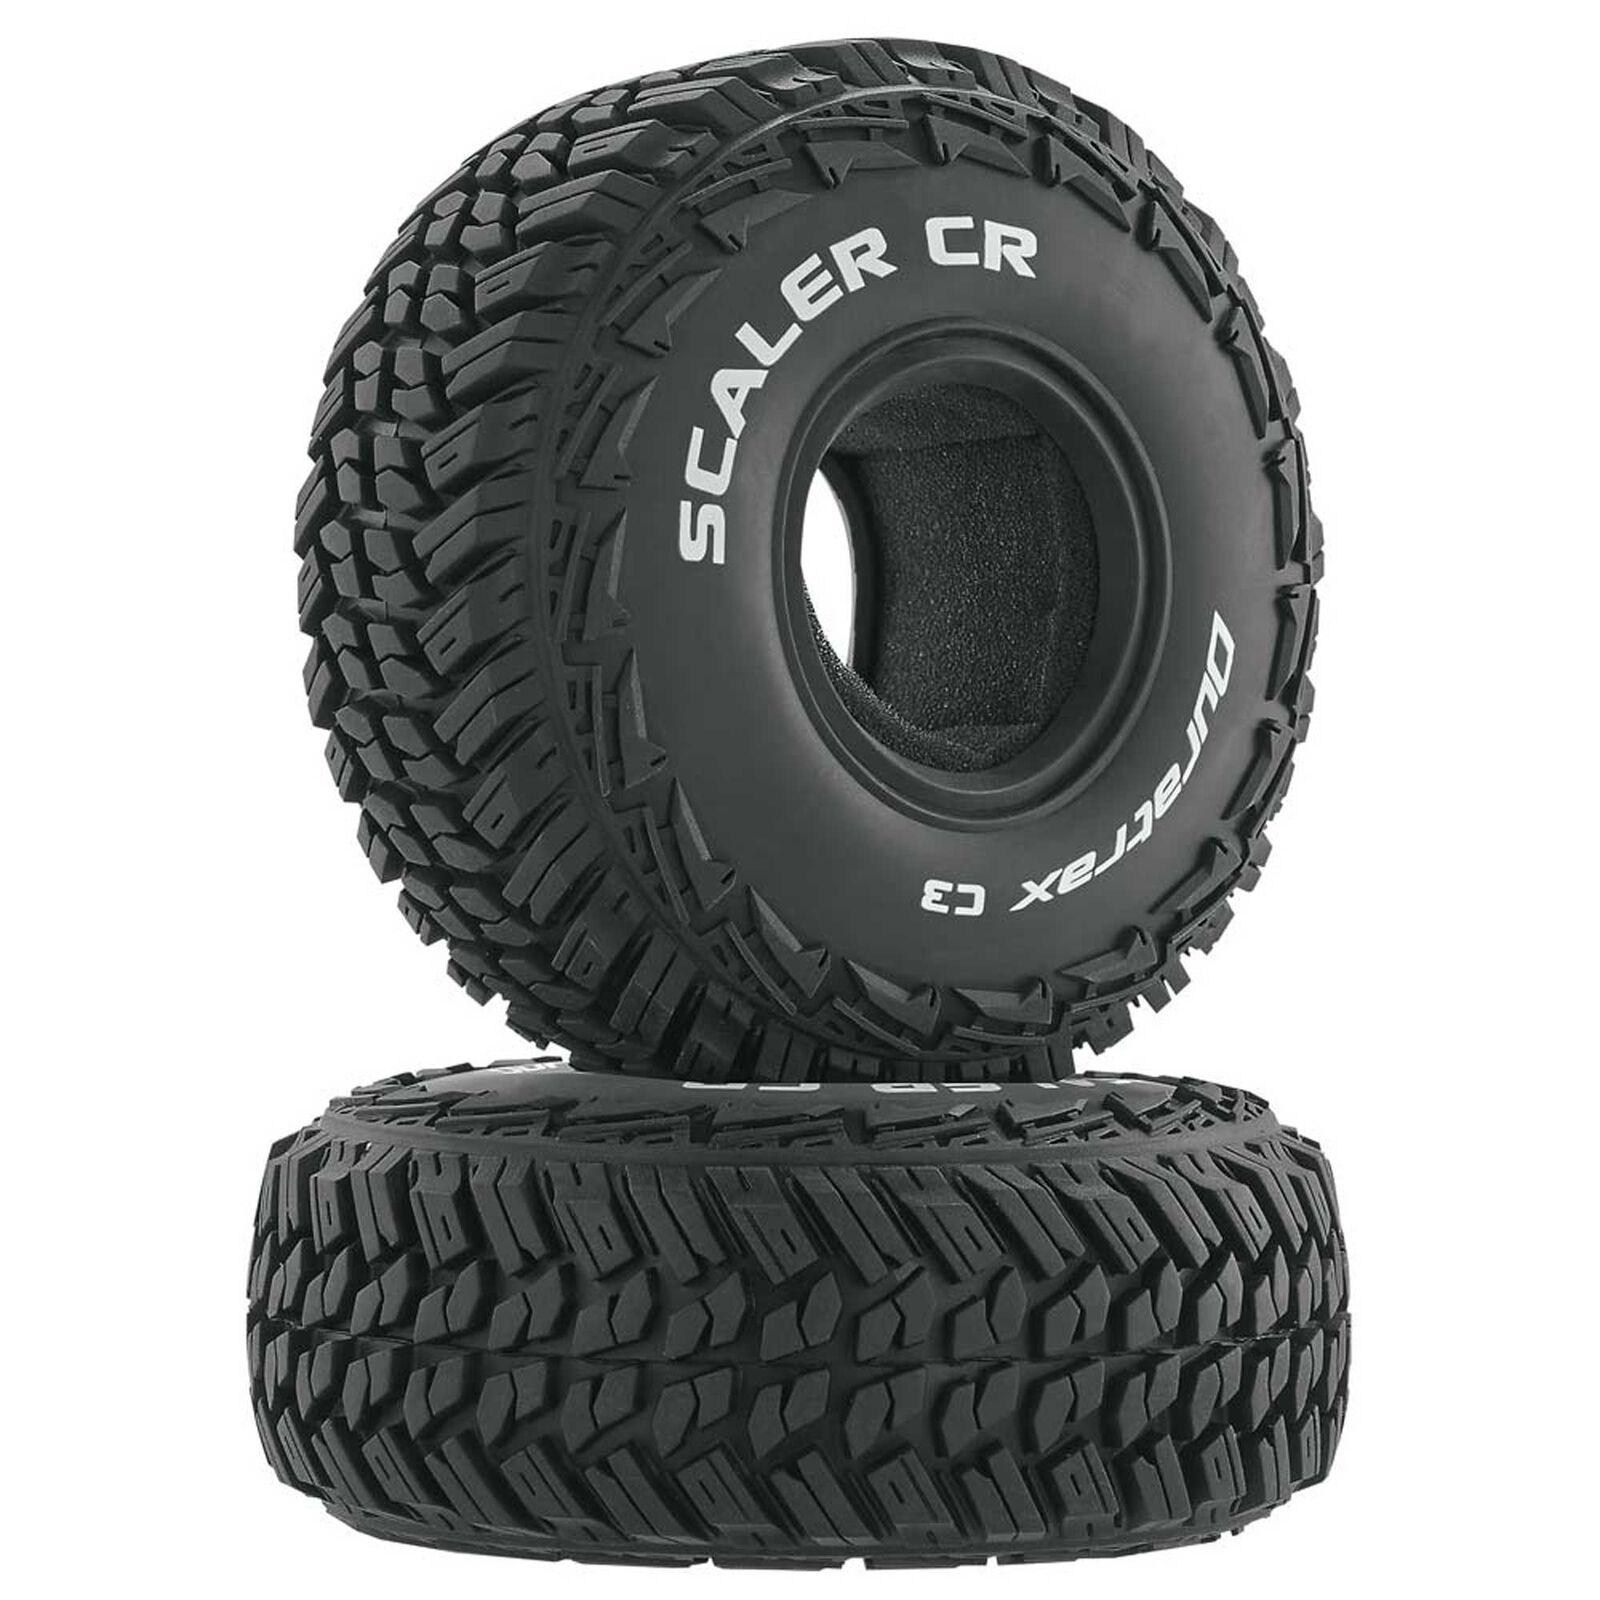 """Scaler CR 1.9"""" Crawler Tires C3 (2)"""